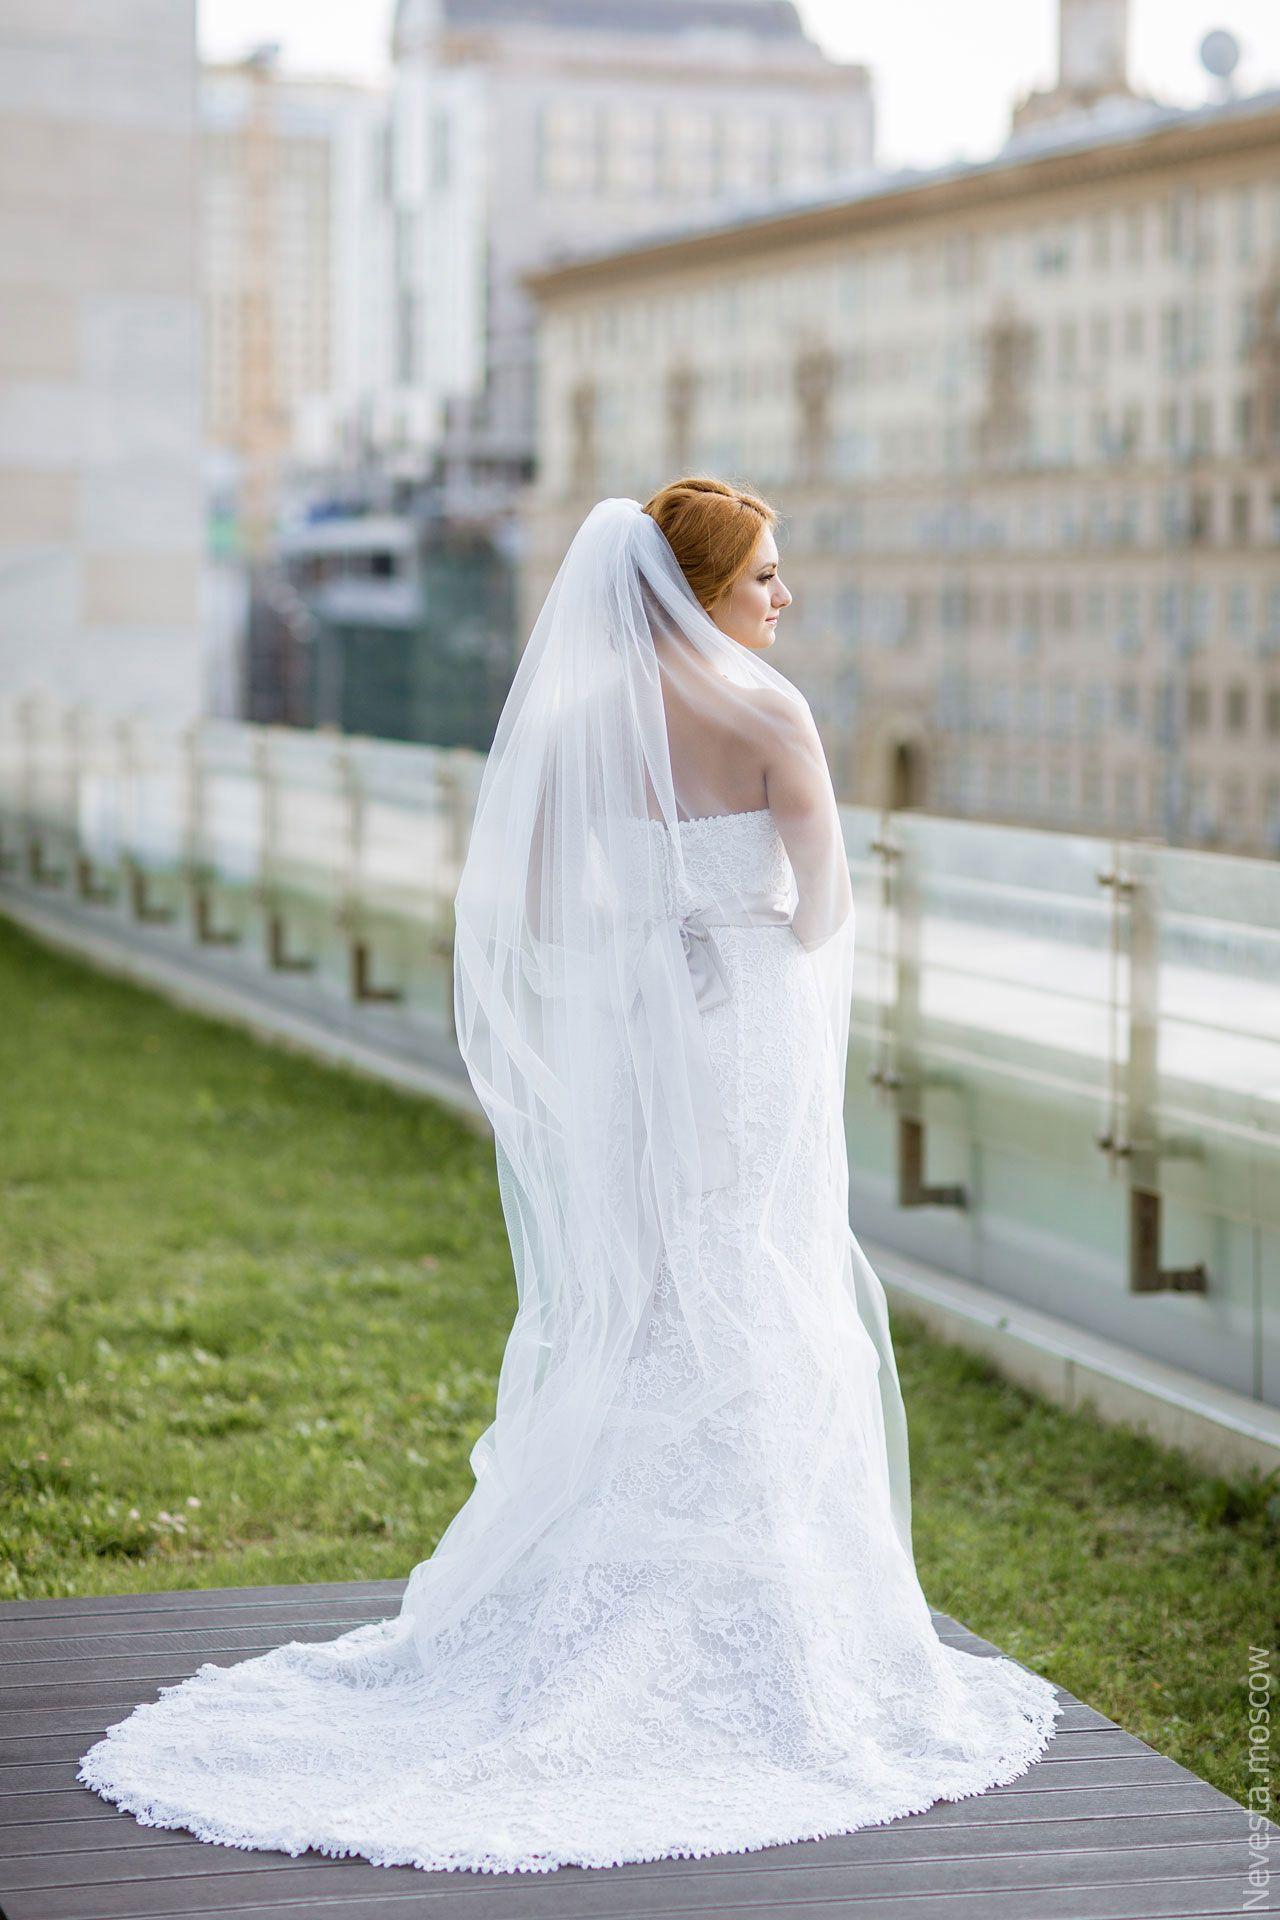 Карина Мишулина выбирает свадебное платье, фото 5